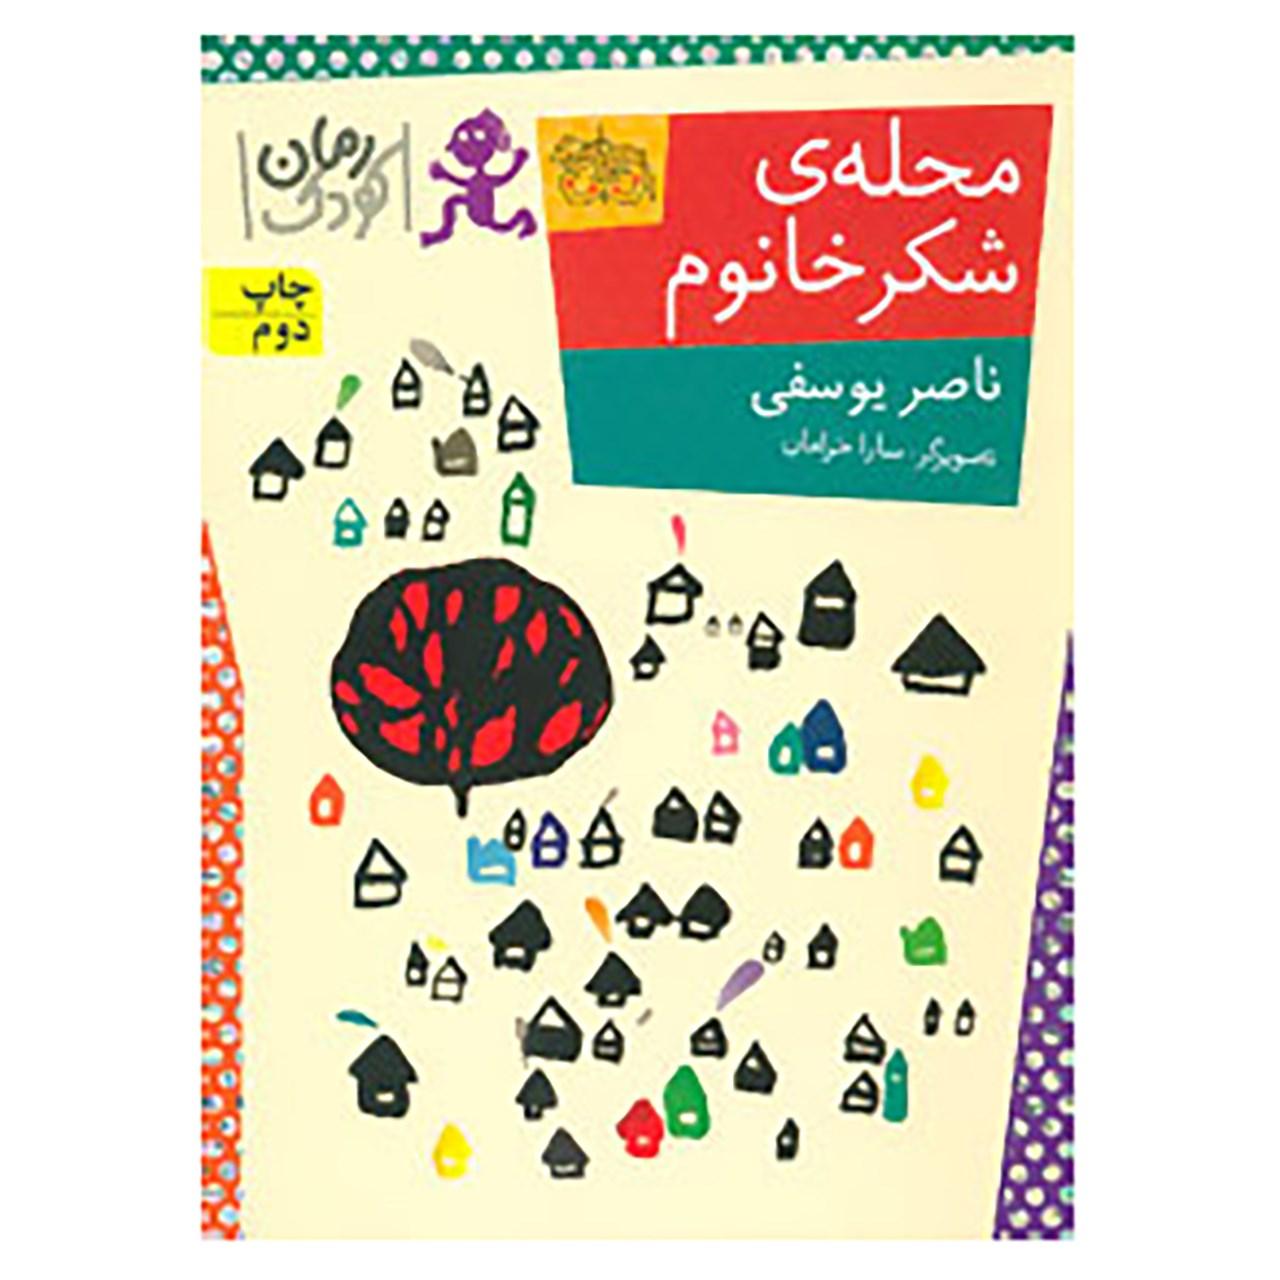 کتاب رمان کودک84 اثر ناصر یوسفی